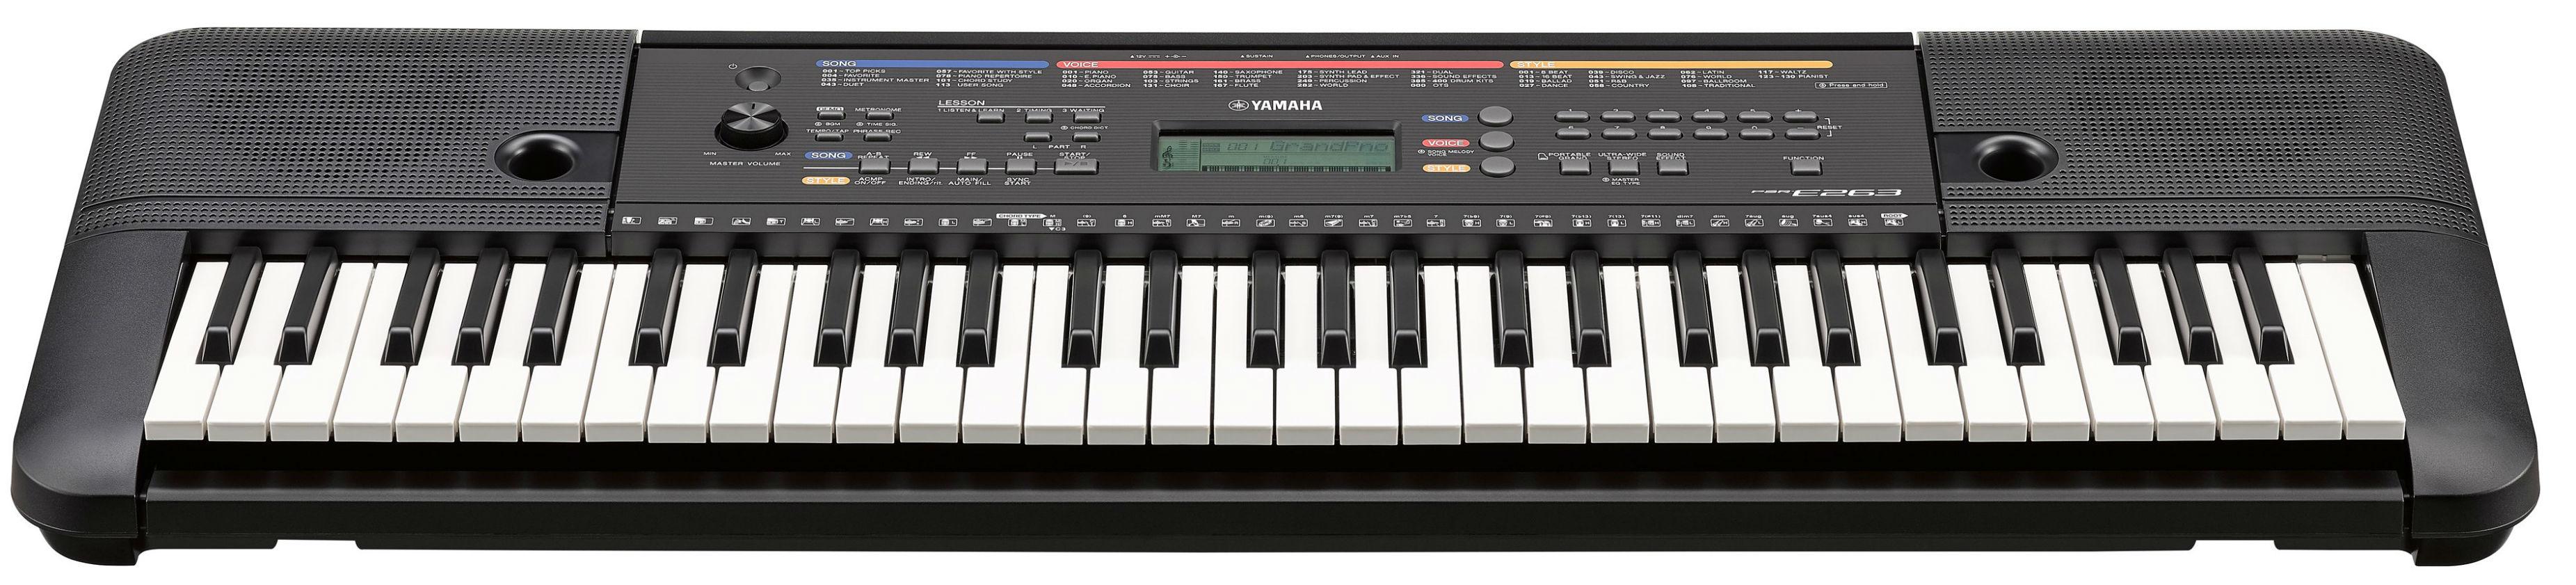 A071535 YAMAHA PSR-E263 синтезатор с автоакк. 61клавиша, 400 высококачественных тембров, 130 стилей